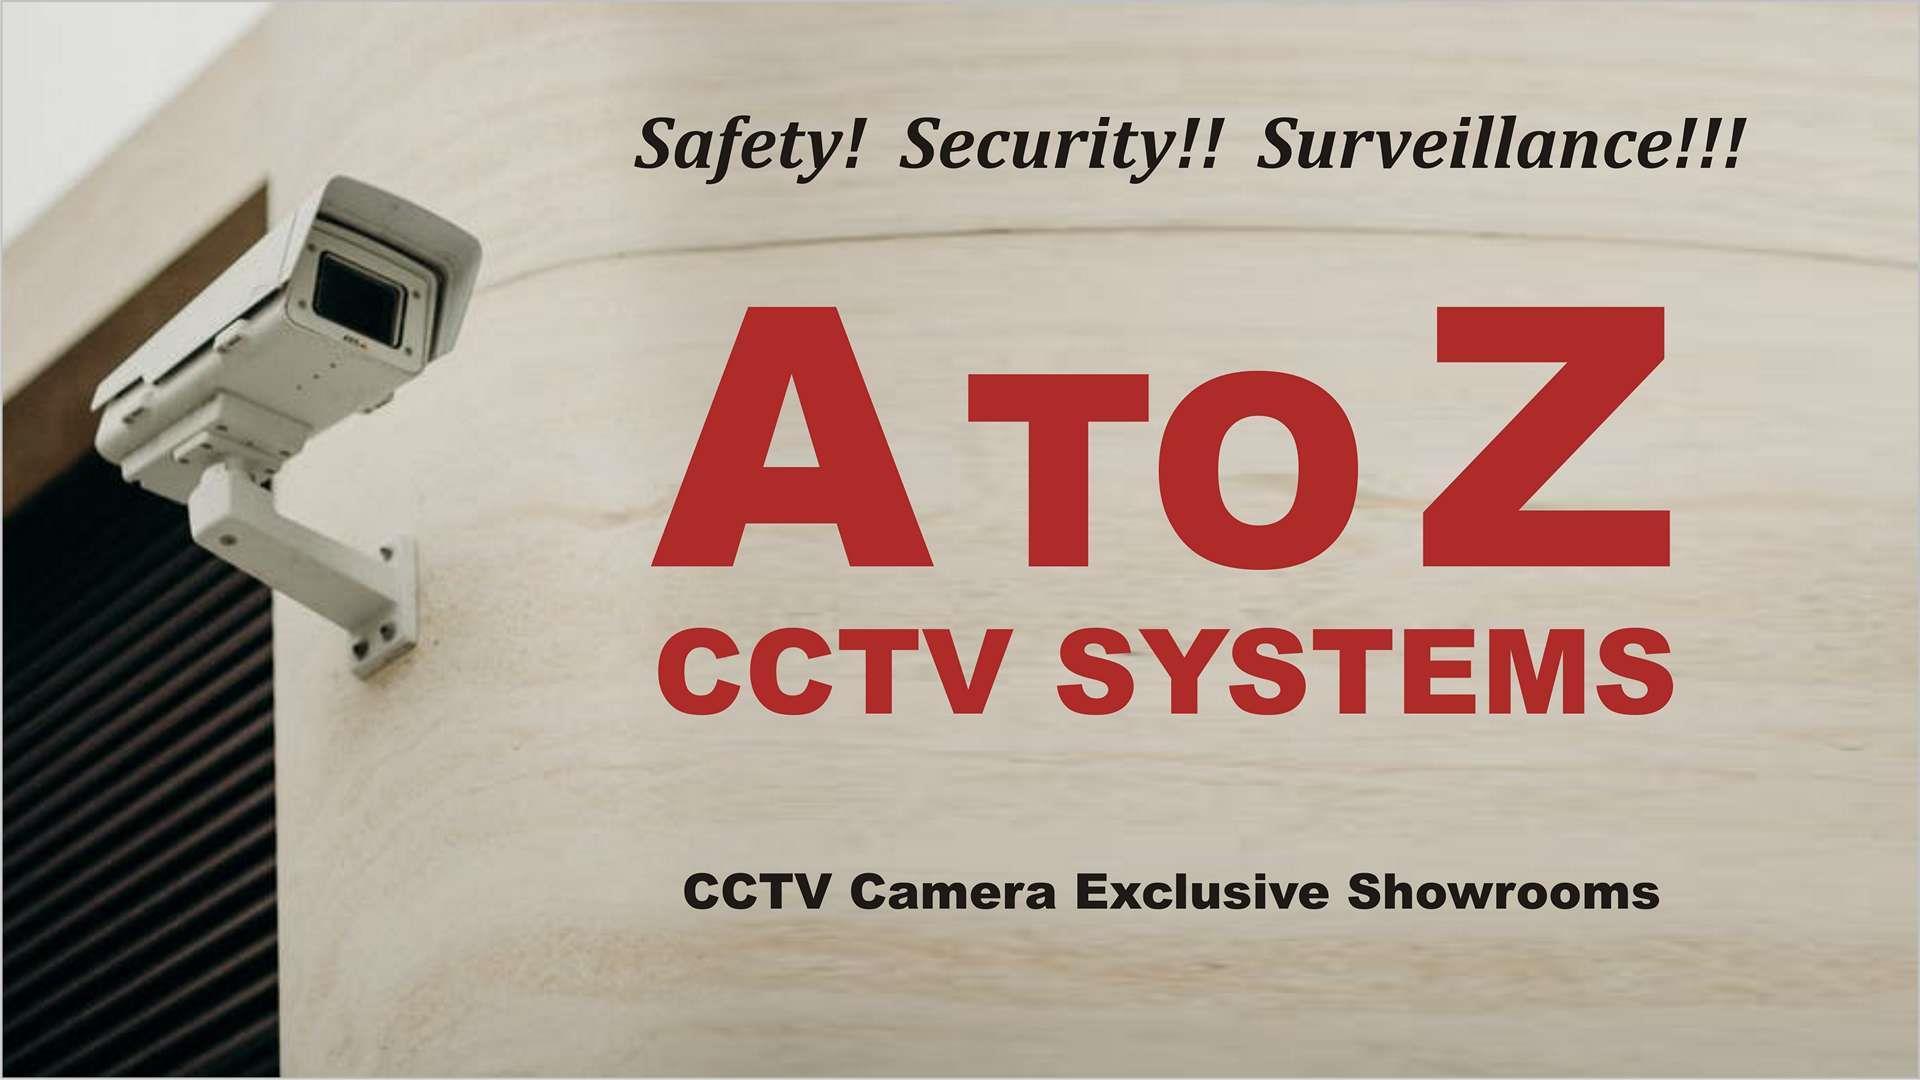 A To Z CCTV Systems